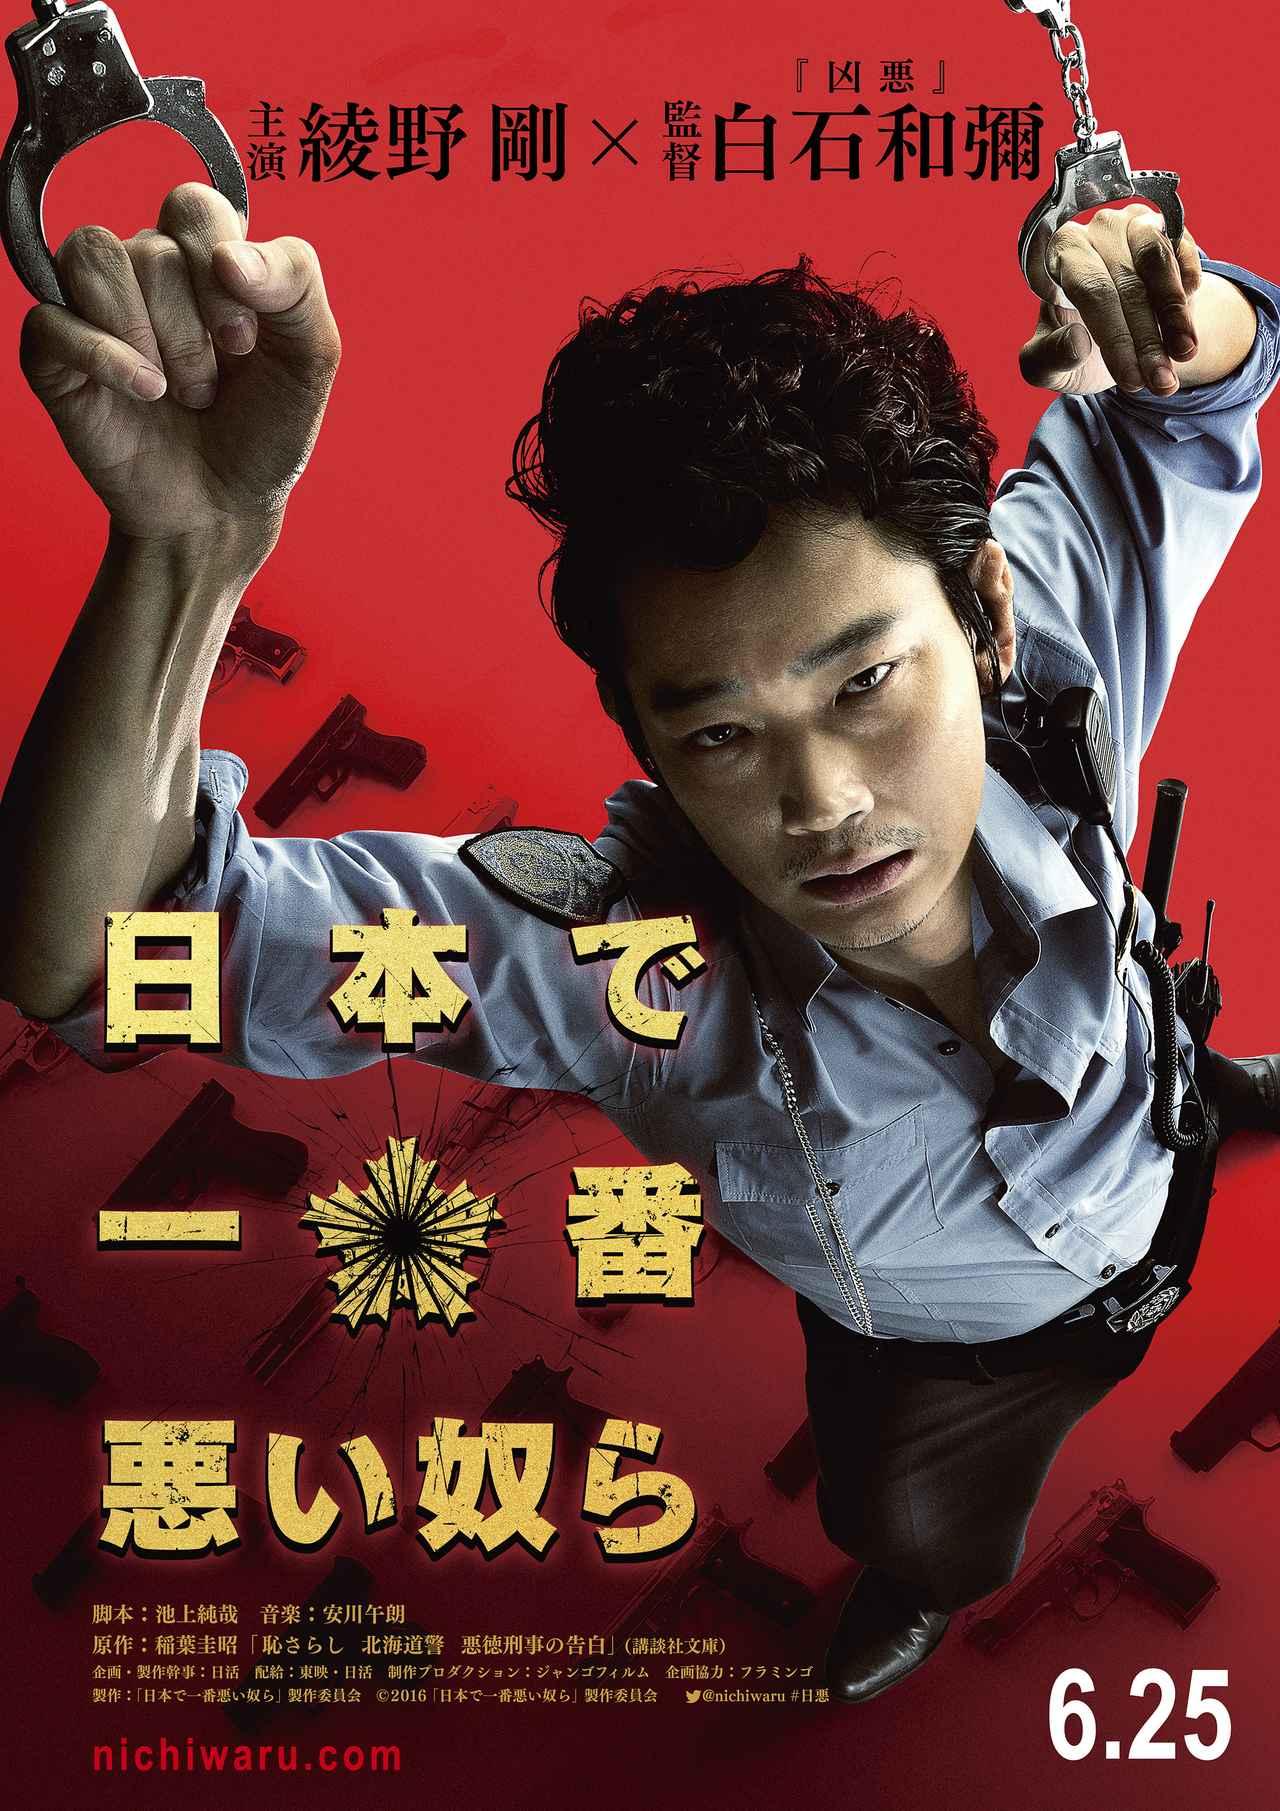 画像: 〈日本警察史上、最大の不祥事〉 いったい、奴らは何をしたのか⁉︎